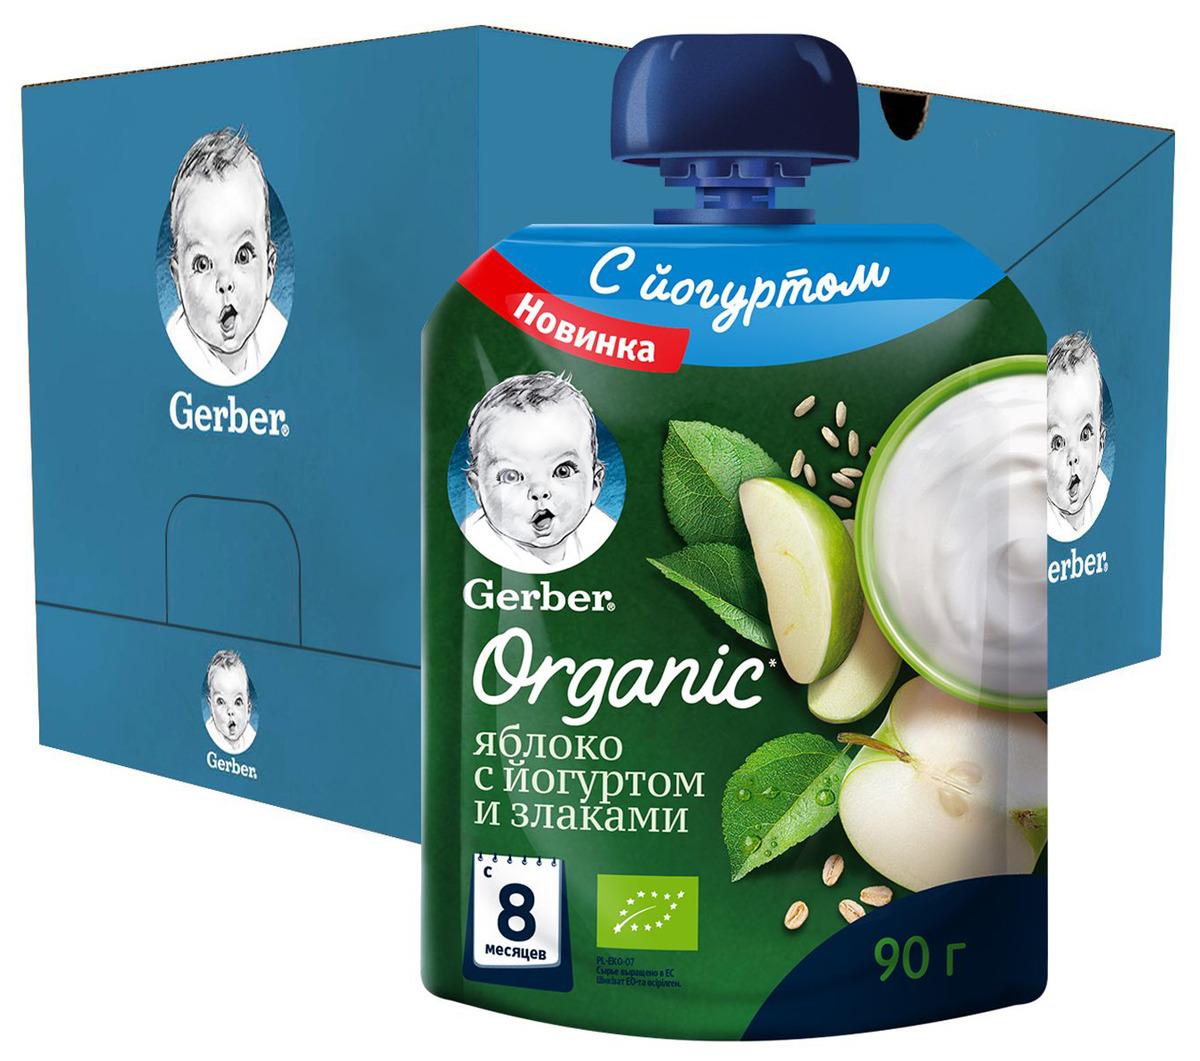 Фруктово-йогуртное пюре Gerber Яблоко со злаками, с 8 месяцев, 16 шт по 90 г